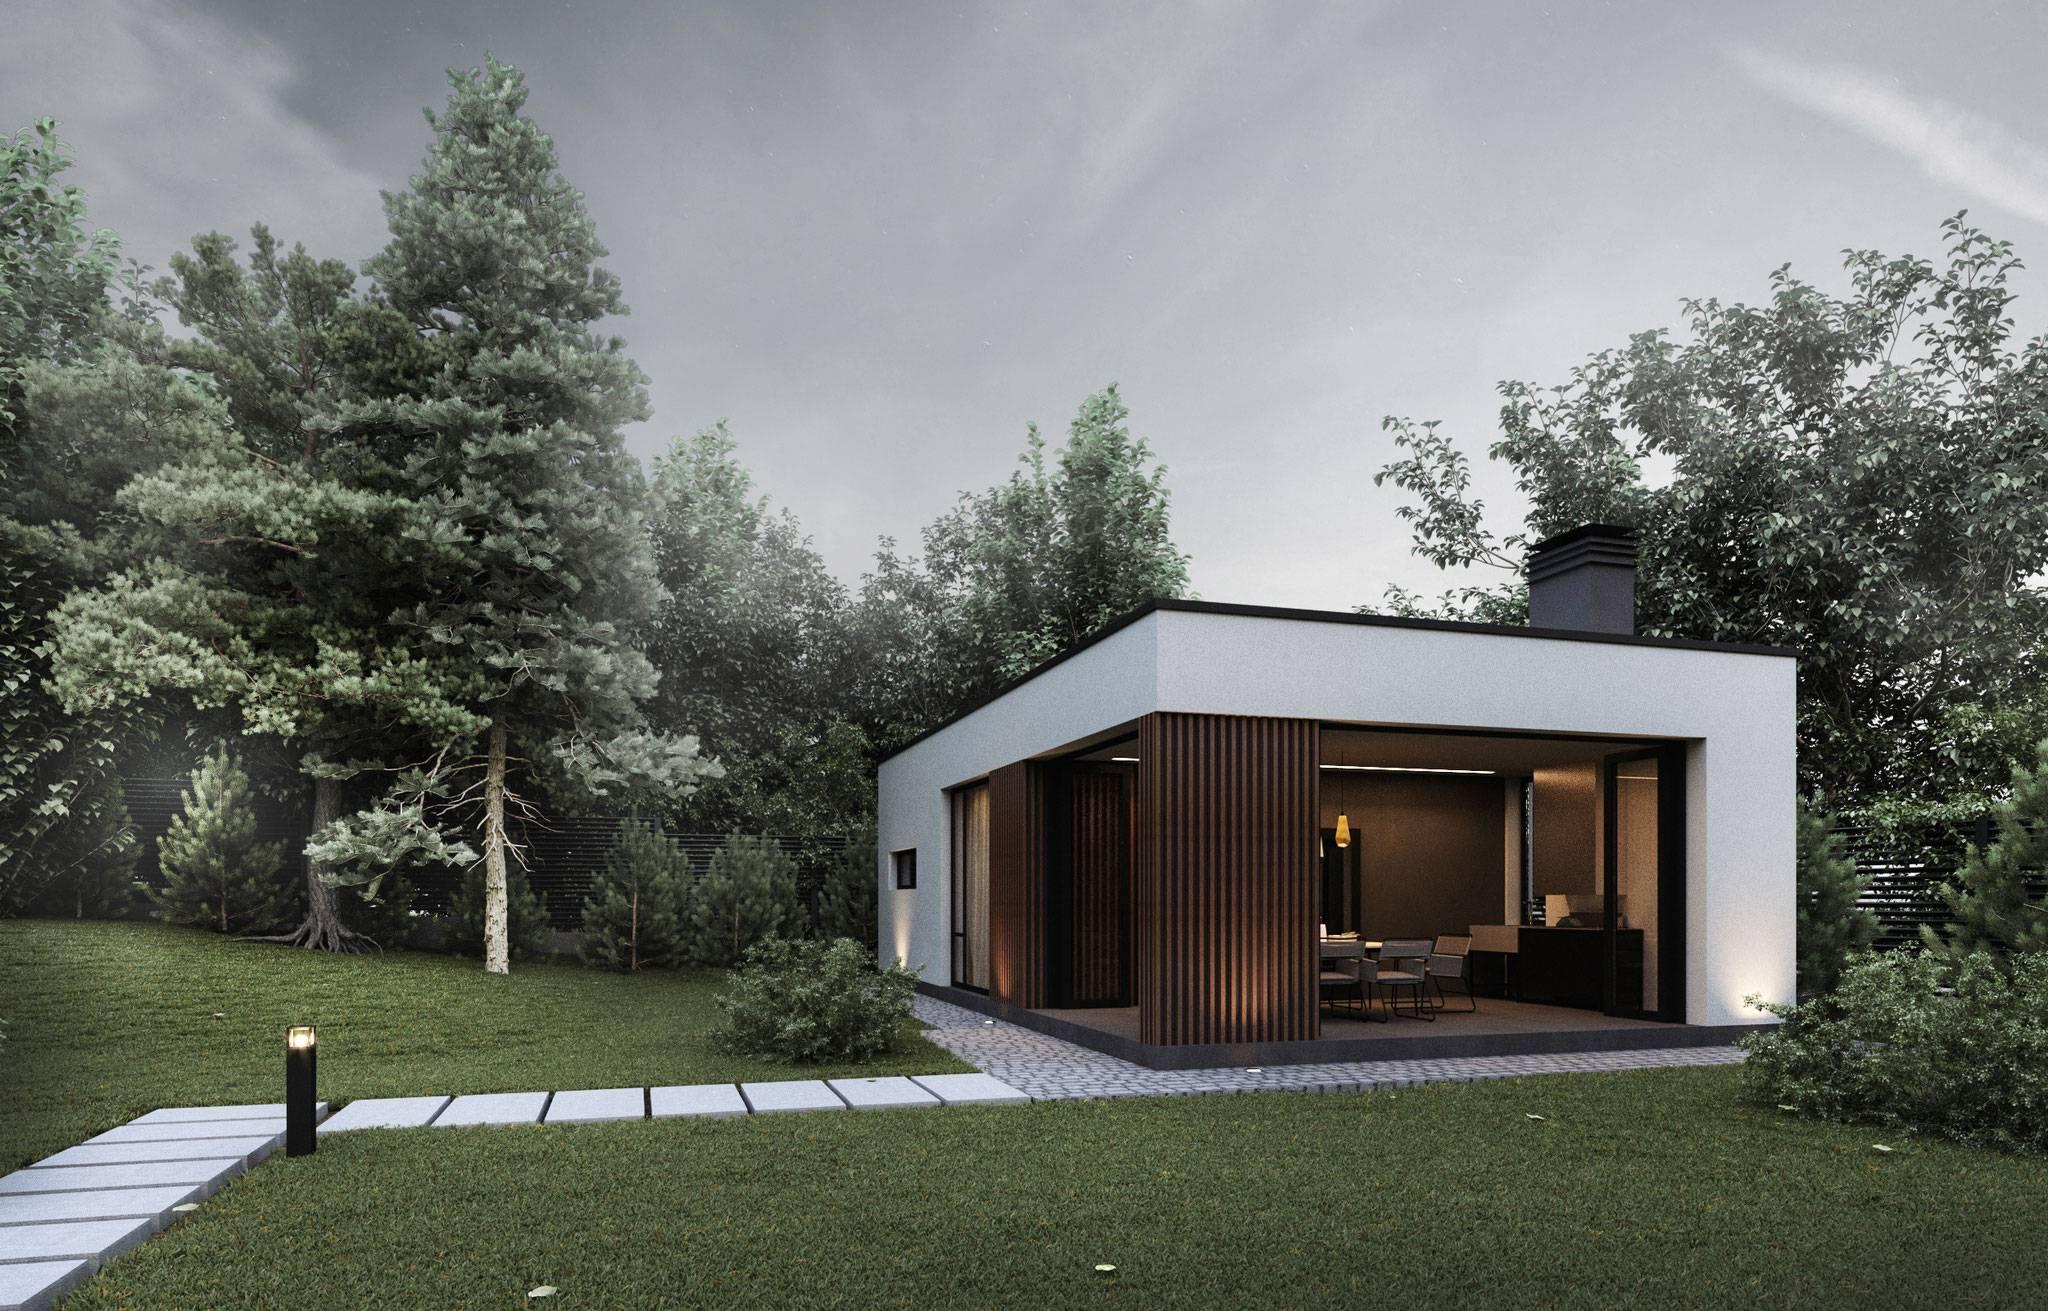 Проект одноэтажного дома хай тек 60 – 62 кв.м., с гаражом и плоской крышей, 1 спальня.